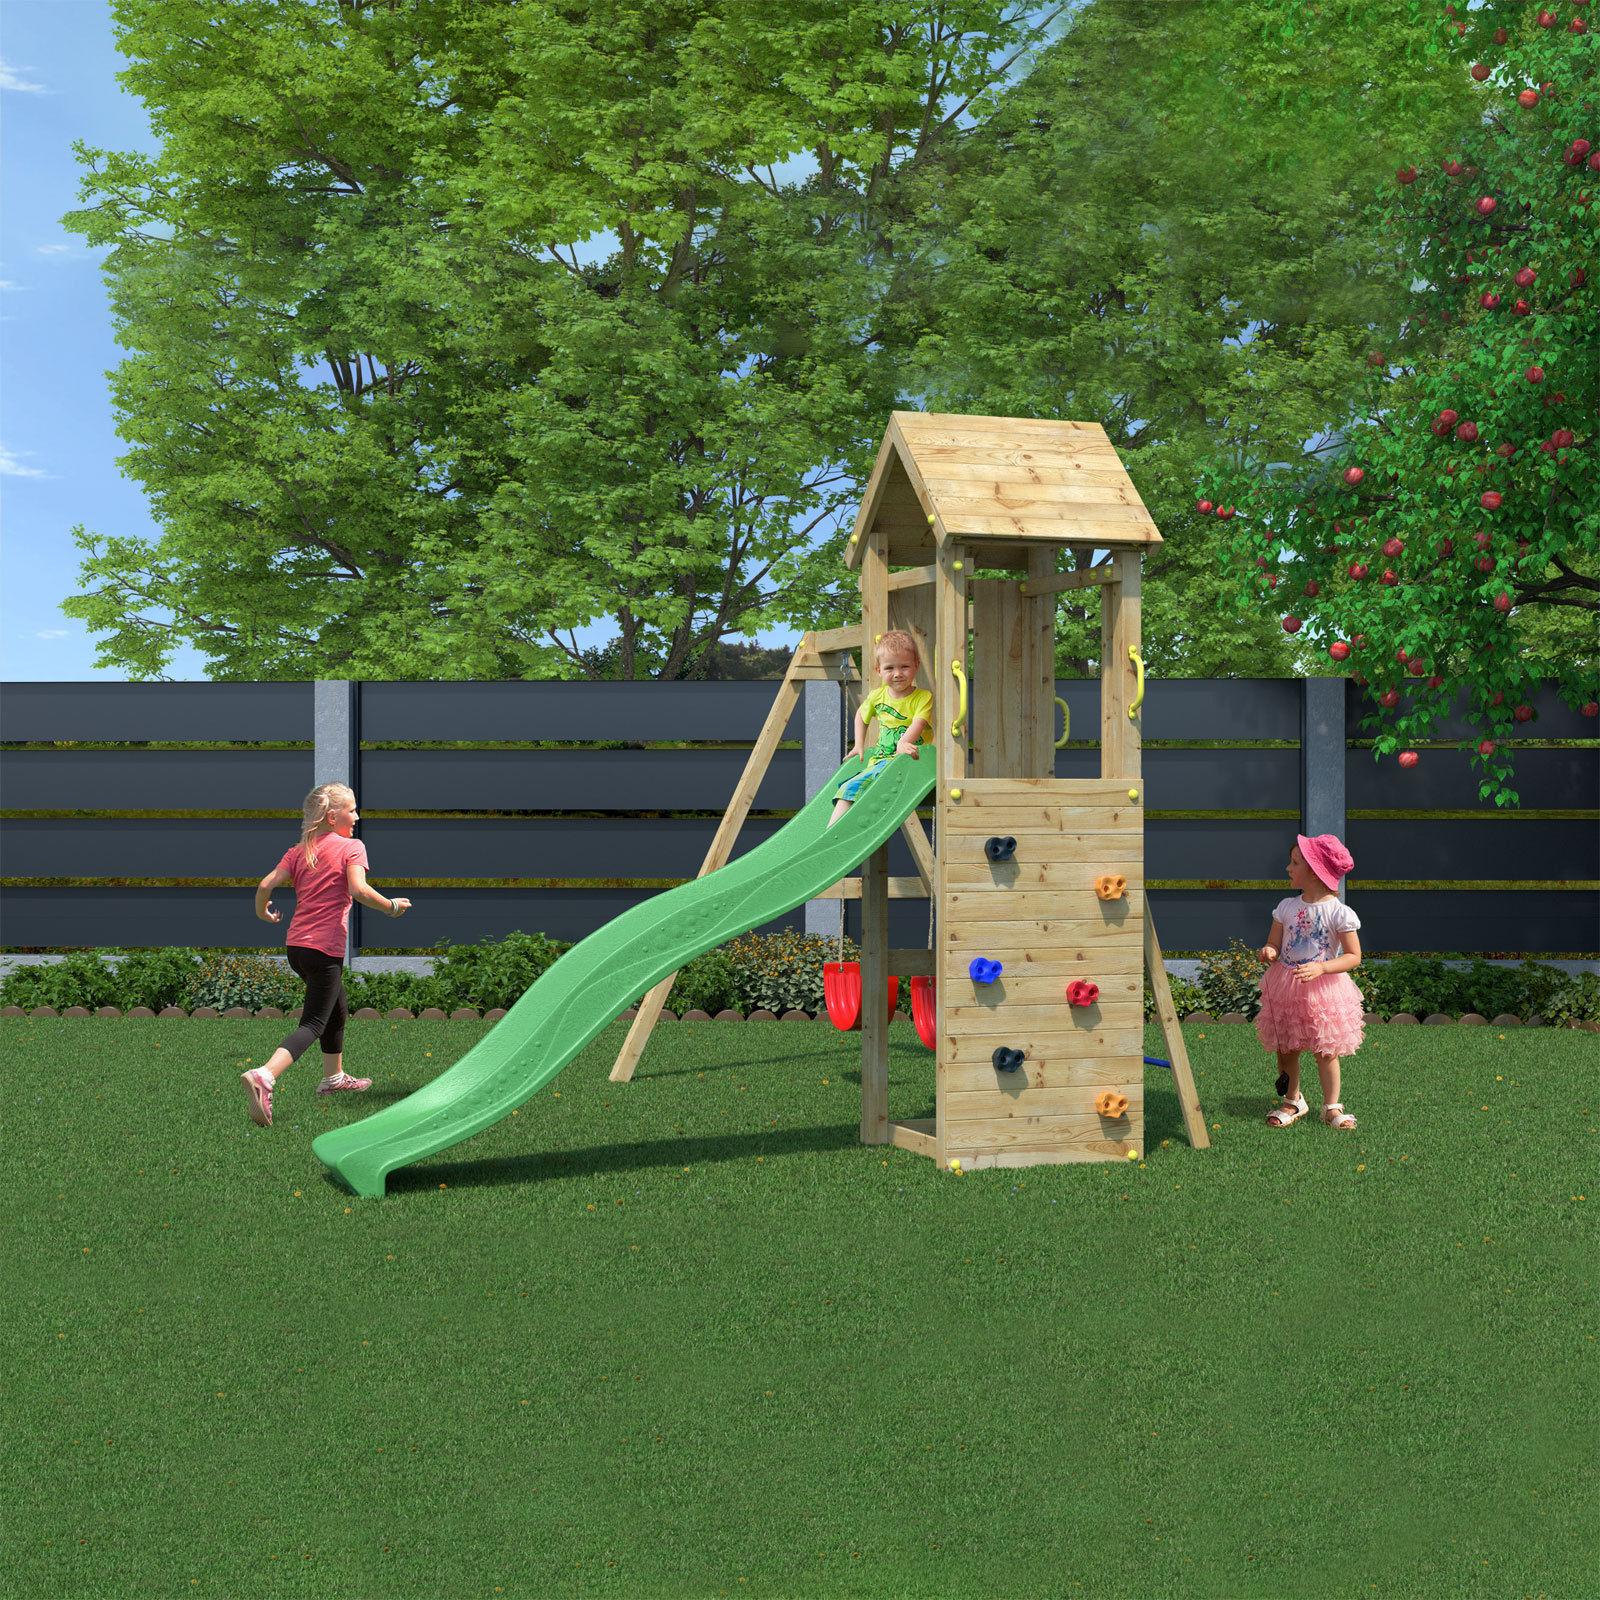 geliebte kinderspielturm mit rutsche gq34 kyushucon. Black Bedroom Furniture Sets. Home Design Ideas